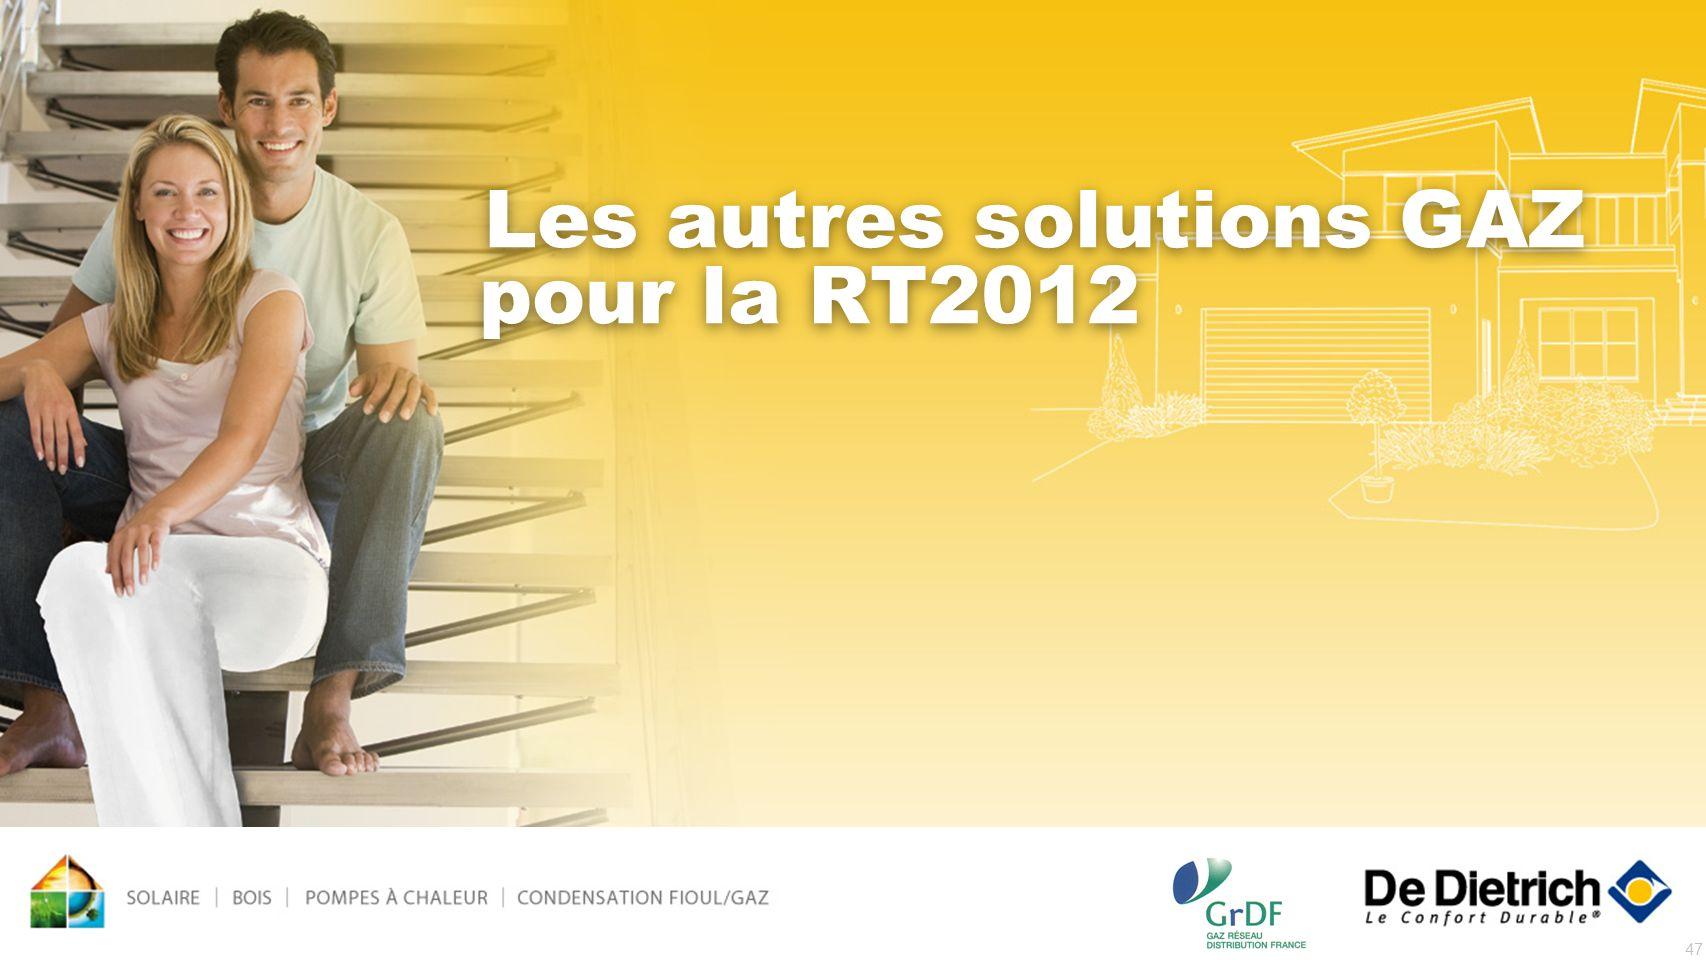 Les autres solutions GAZ pour la RT2012